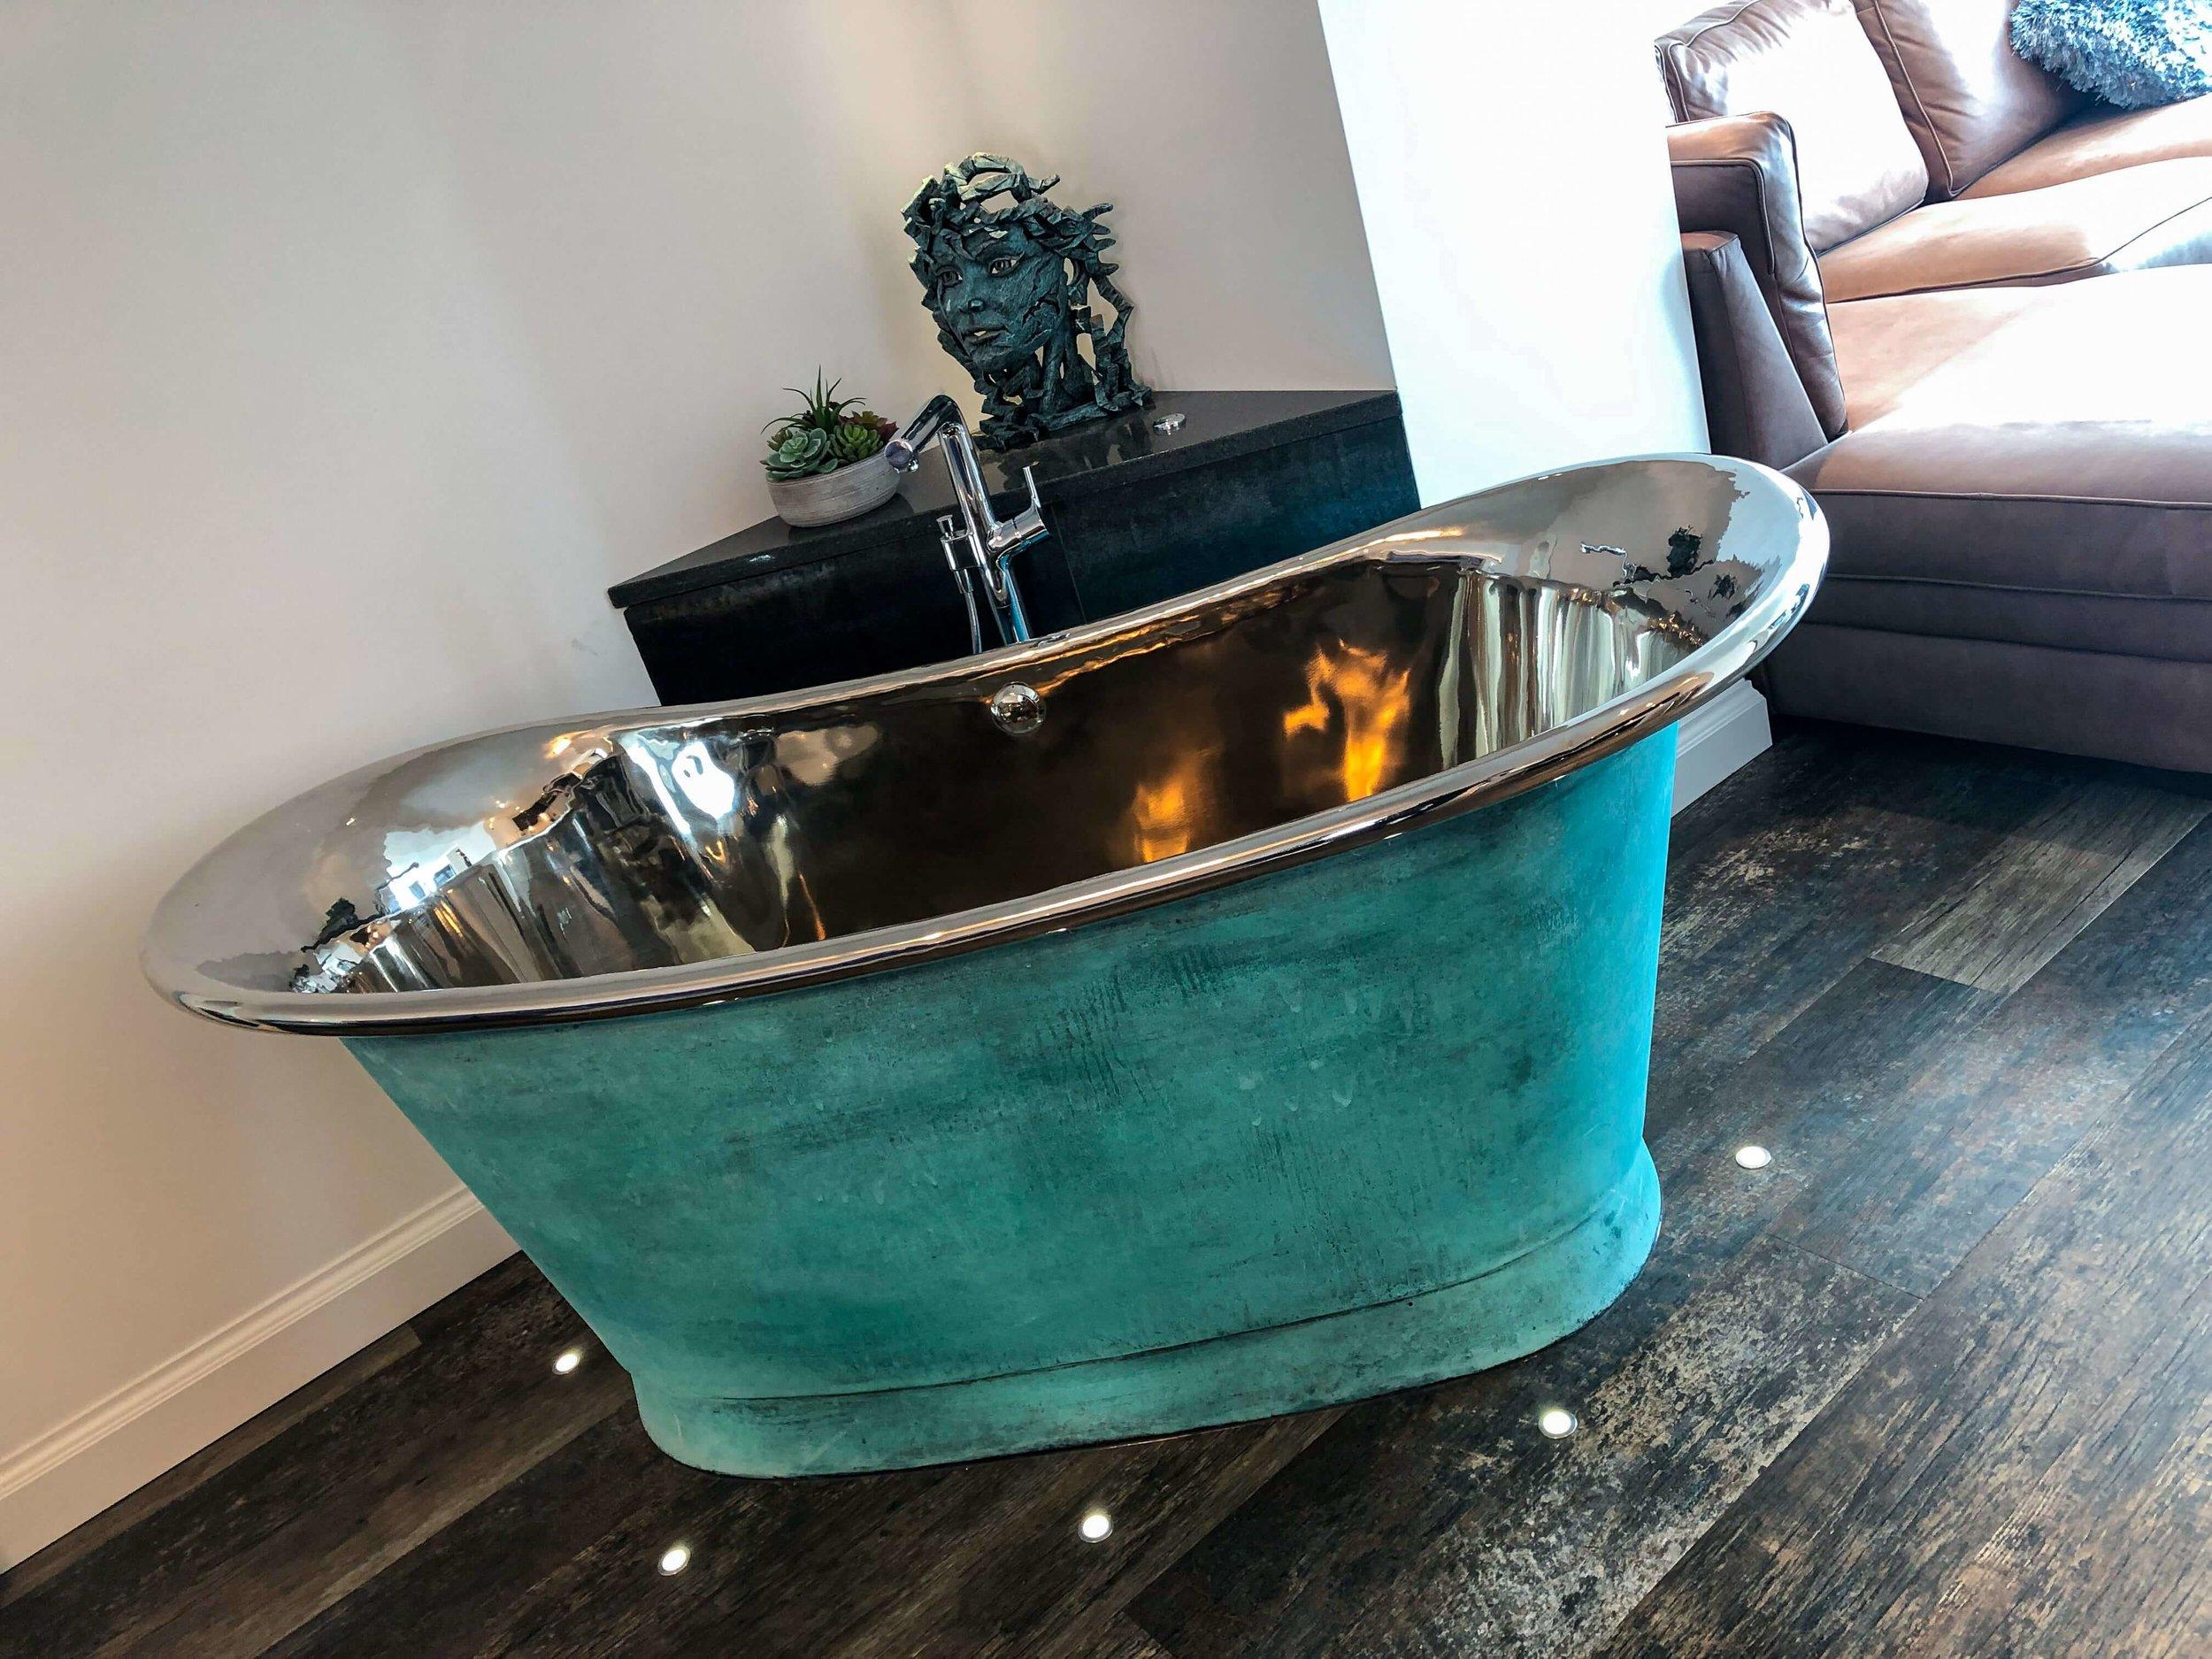 Bateau air-spa bath